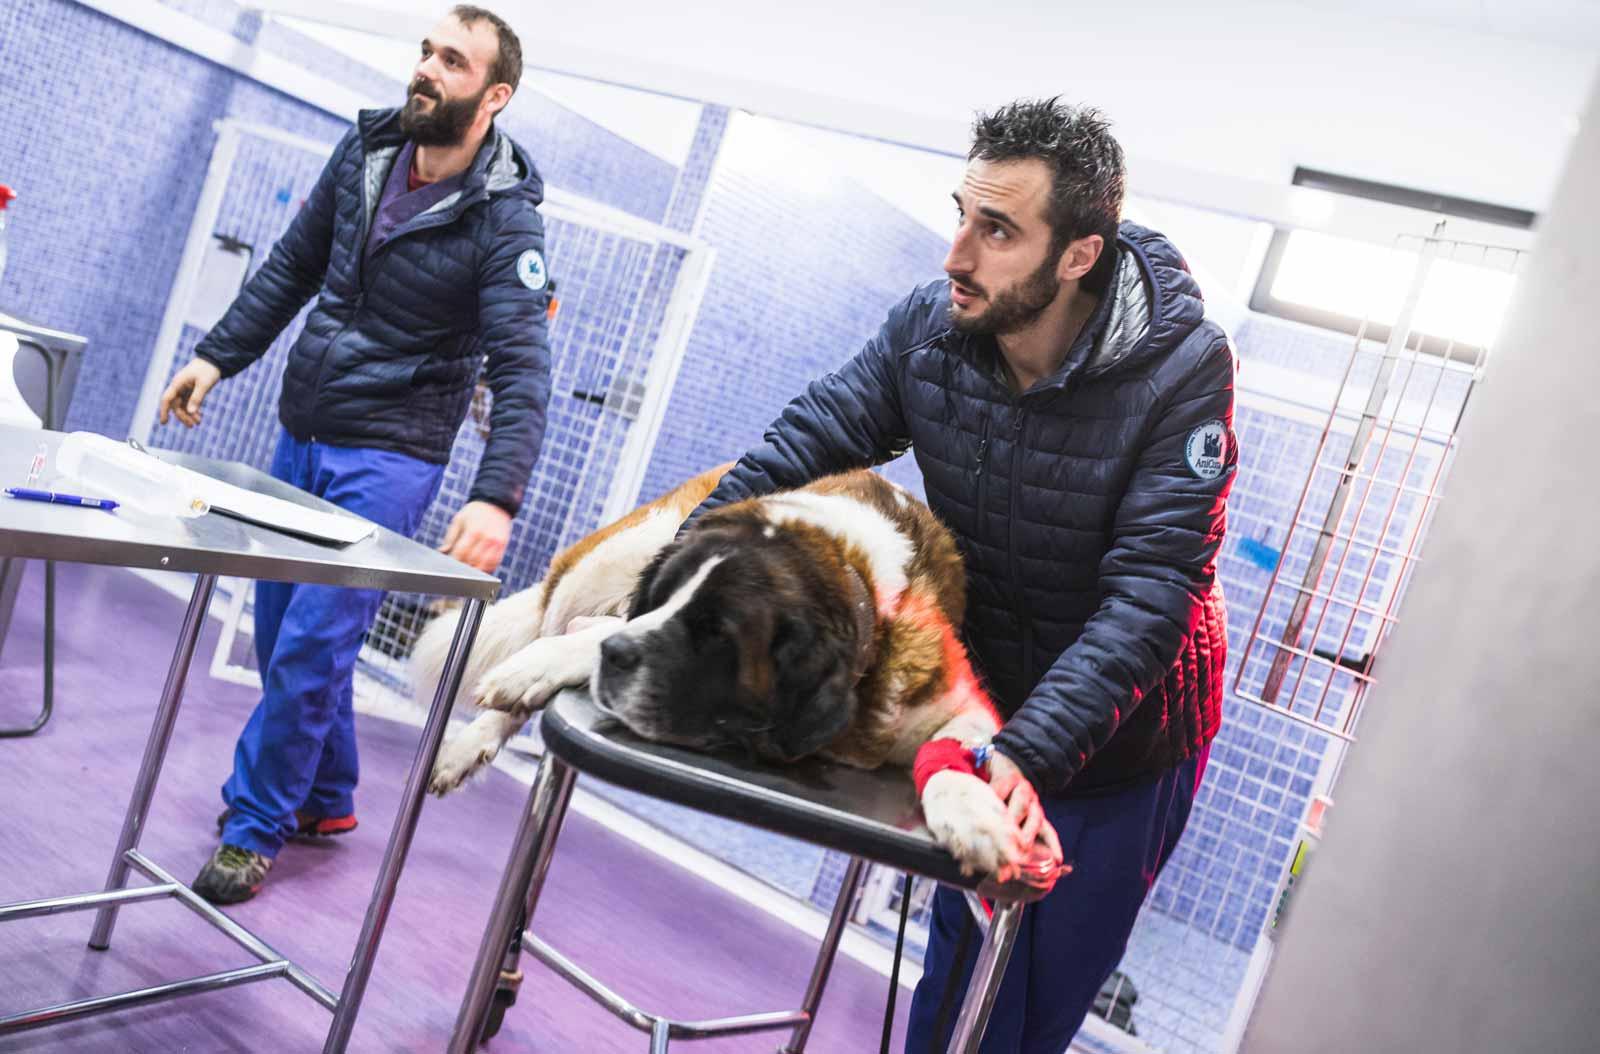 Anicura Hospital Veterinario Valencia Sur Servicio Urgencias veterinarias 24 horas